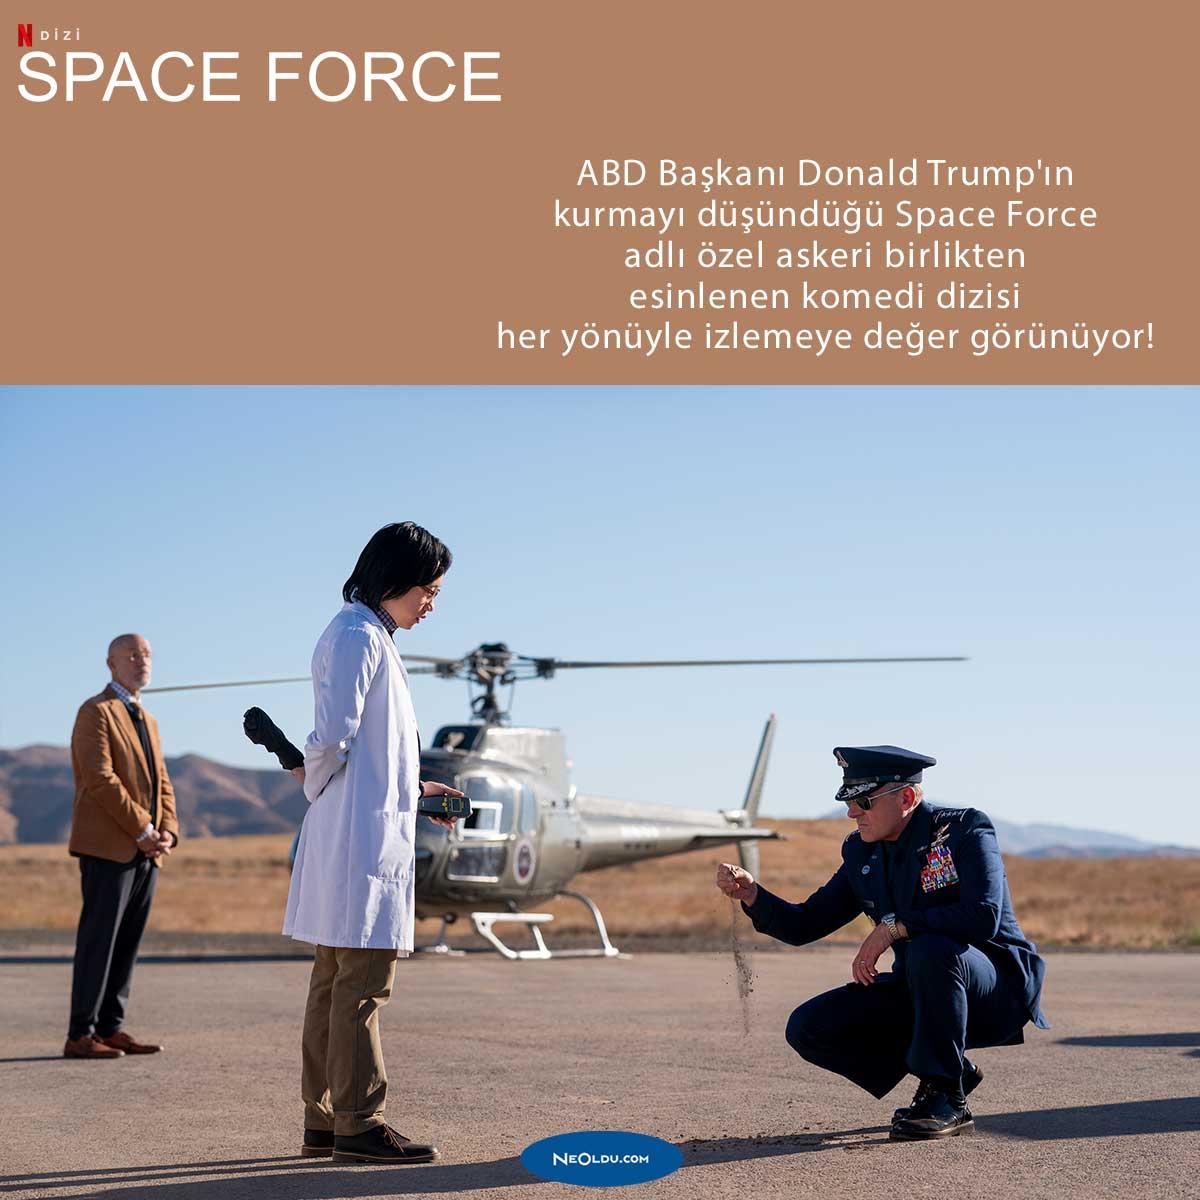 space-force-adli-ozel-askeri-birlik.jpg